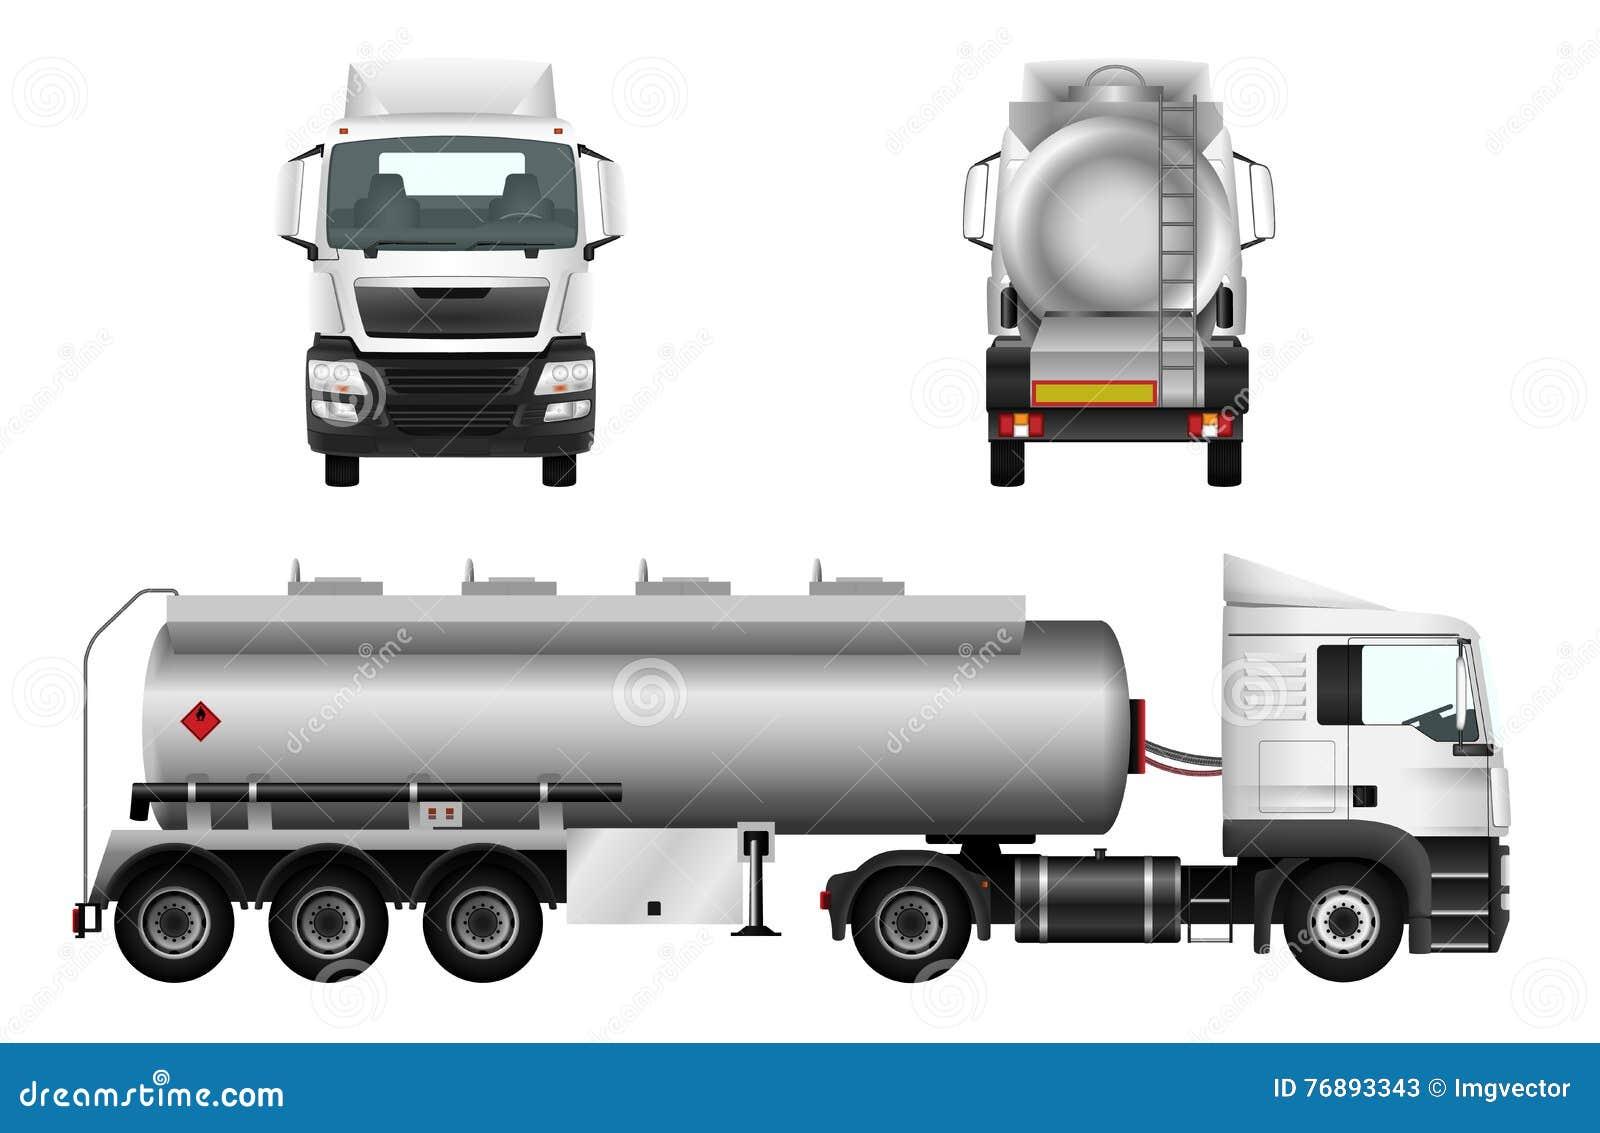 fuel gas tanker truck stock image image of petroleum 76893343. Black Bedroom Furniture Sets. Home Design Ideas